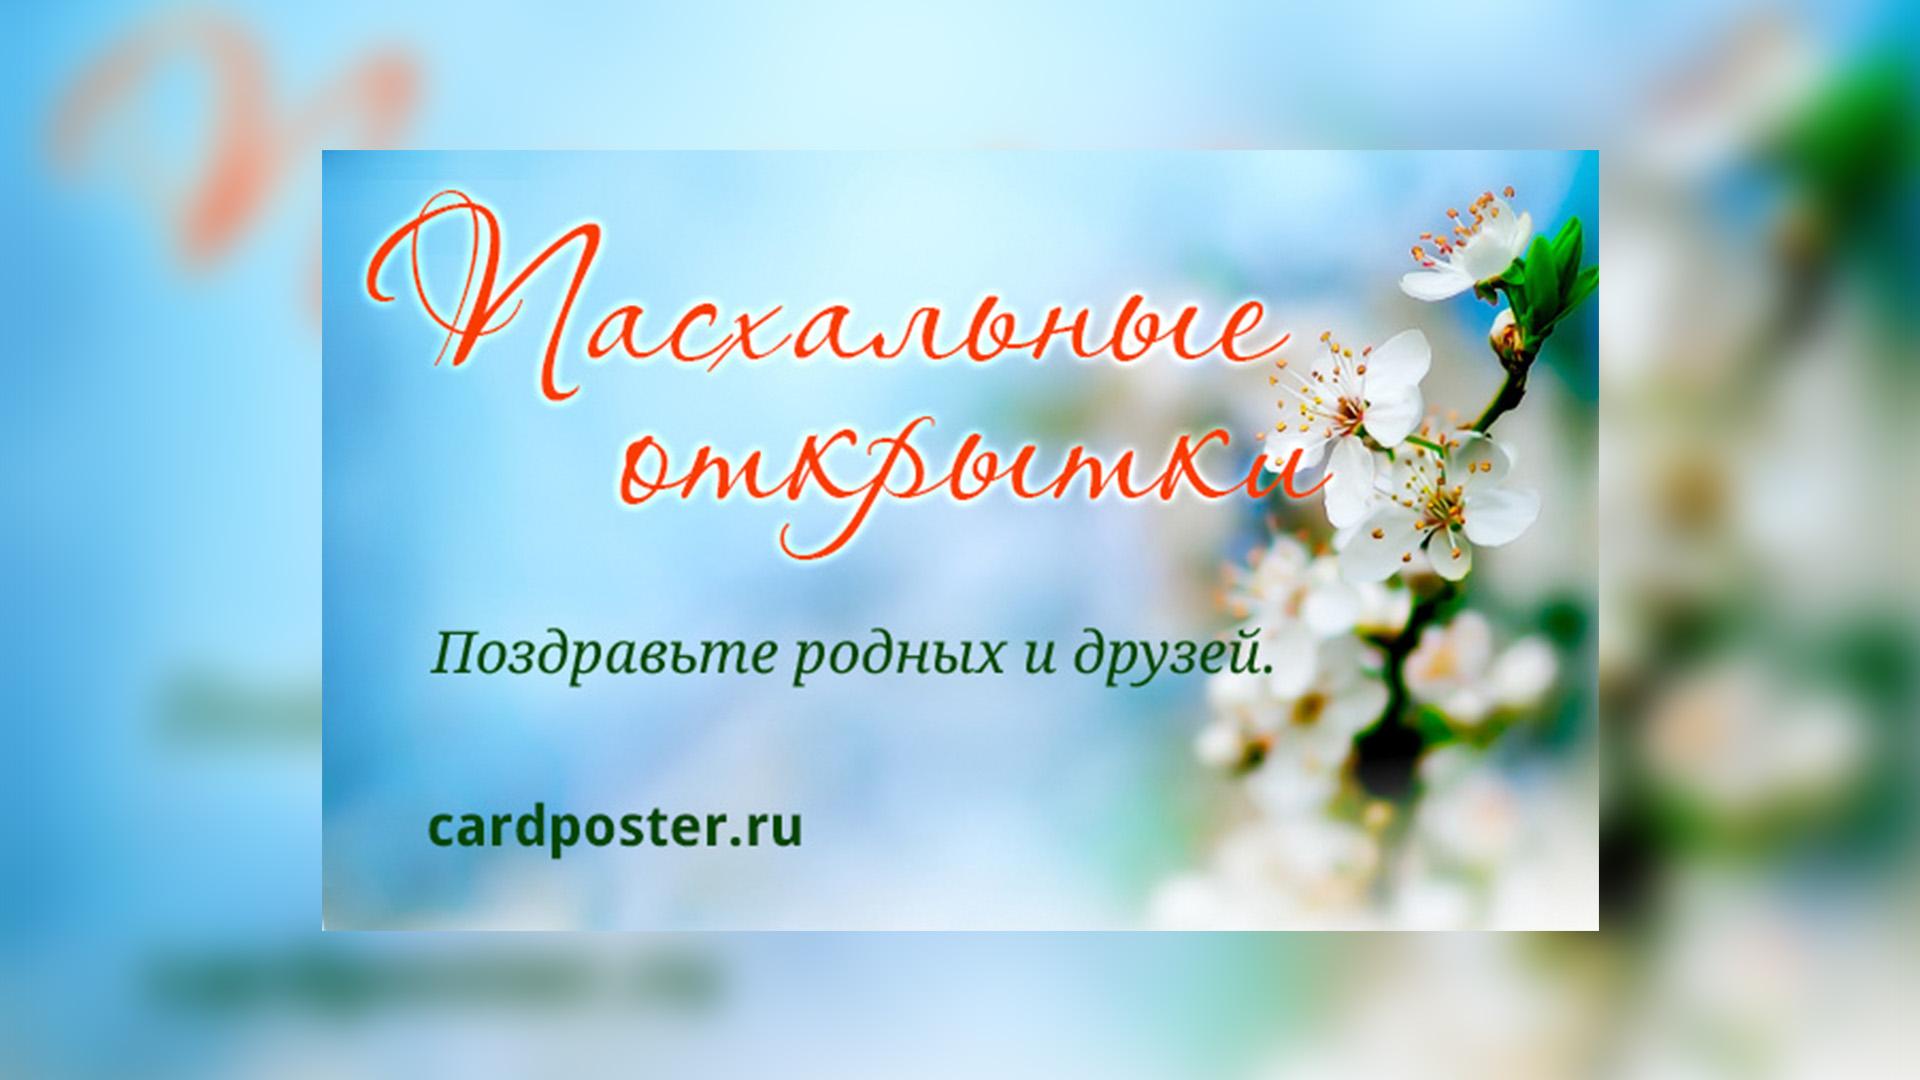 Поздравьте друзей и пригласите на праздник с помощью сервиса «Пасхальный посткроссинг»